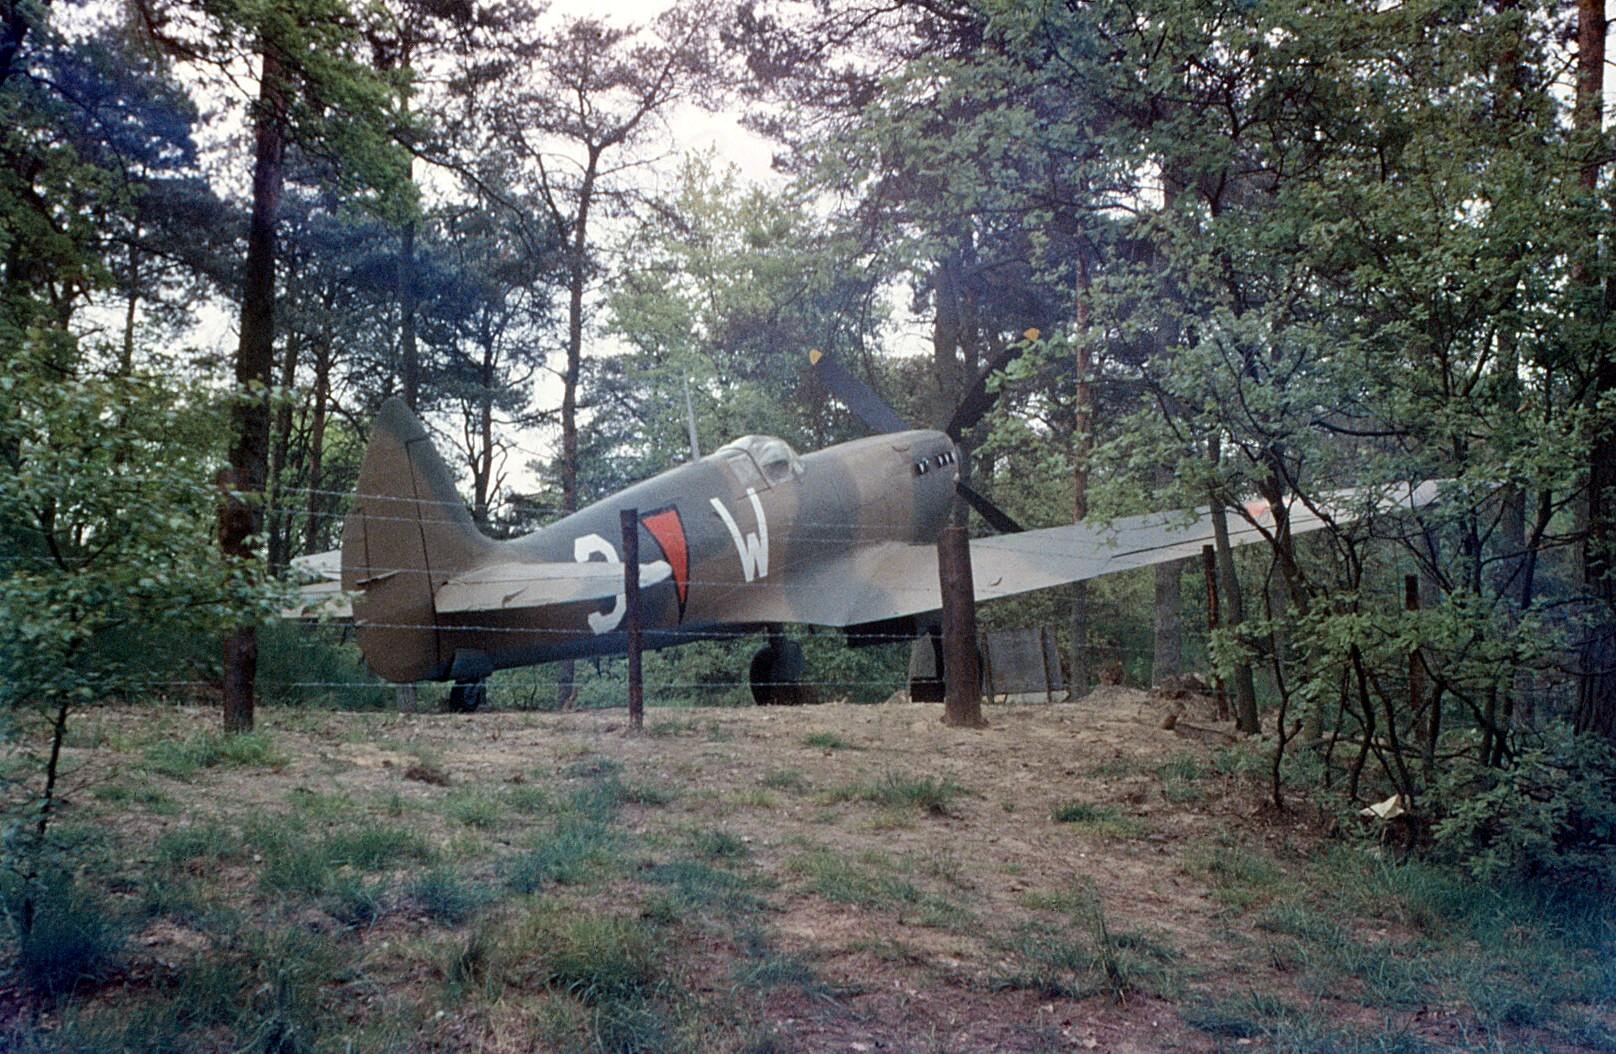 Spitfire_Oorlogsmuseum_Overloon